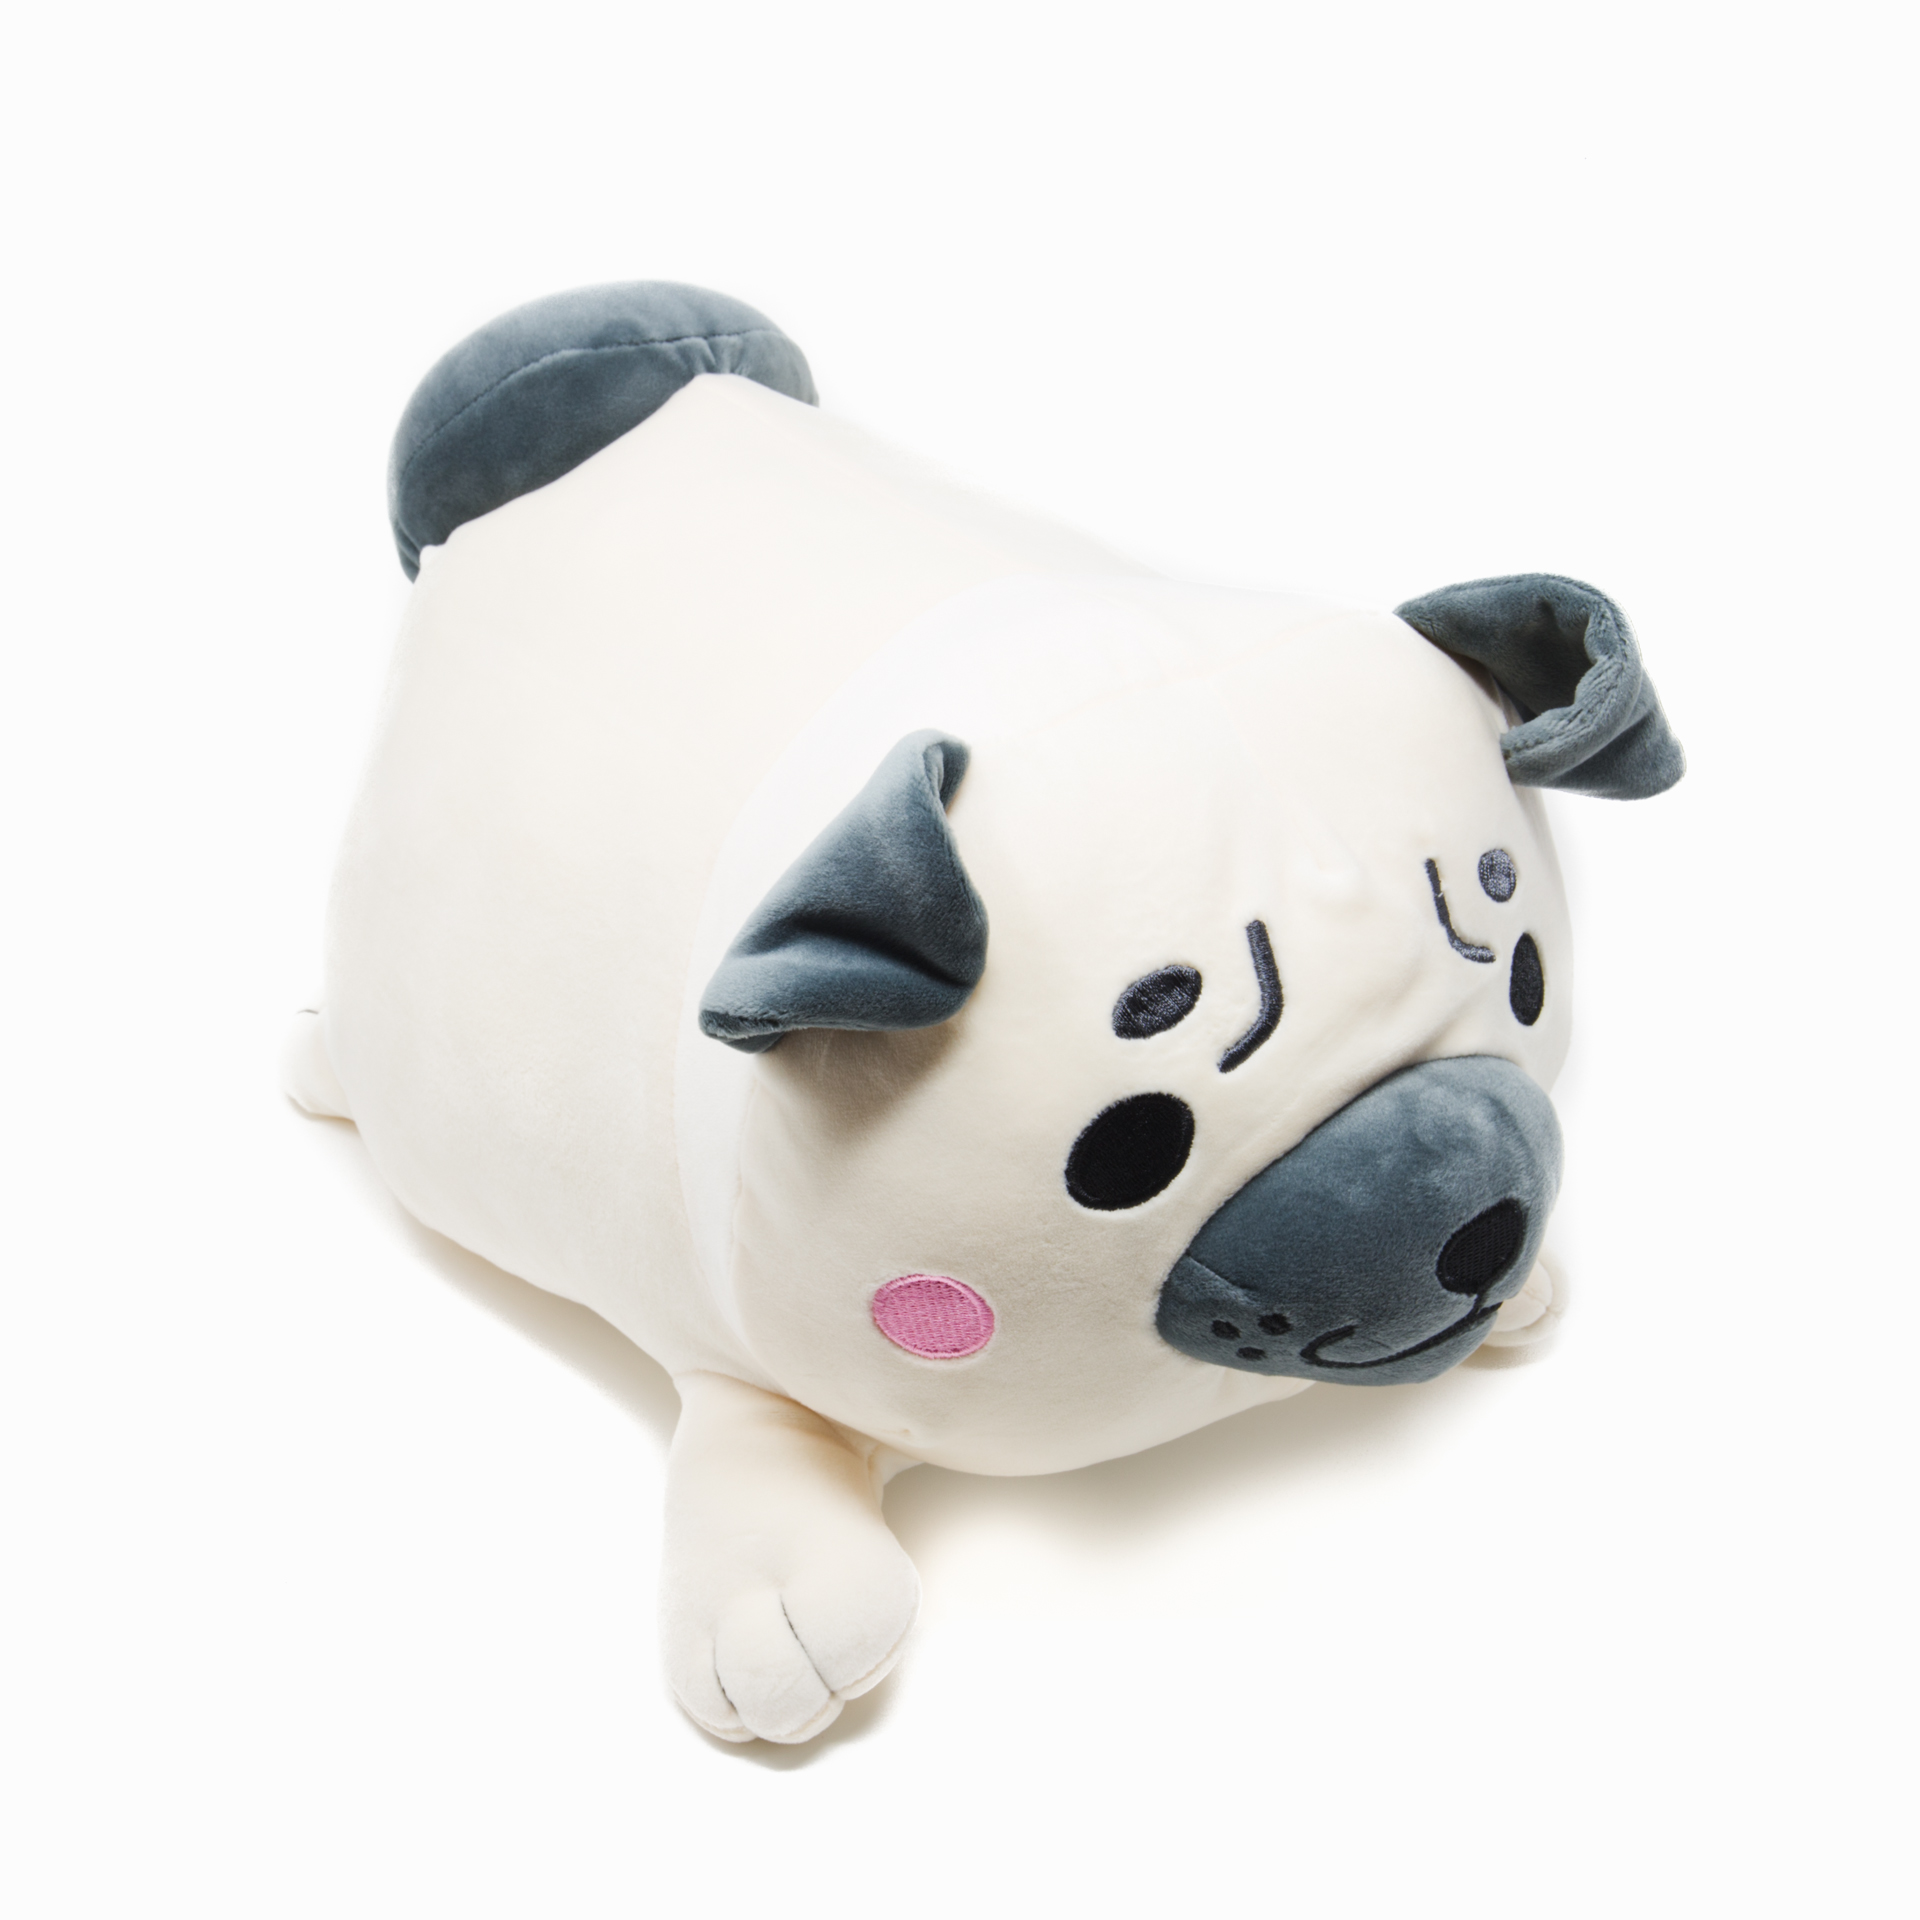 Scooshin Cute Ultra Soft 16 Pug Dog Stuffed Animal Pillow Cushion